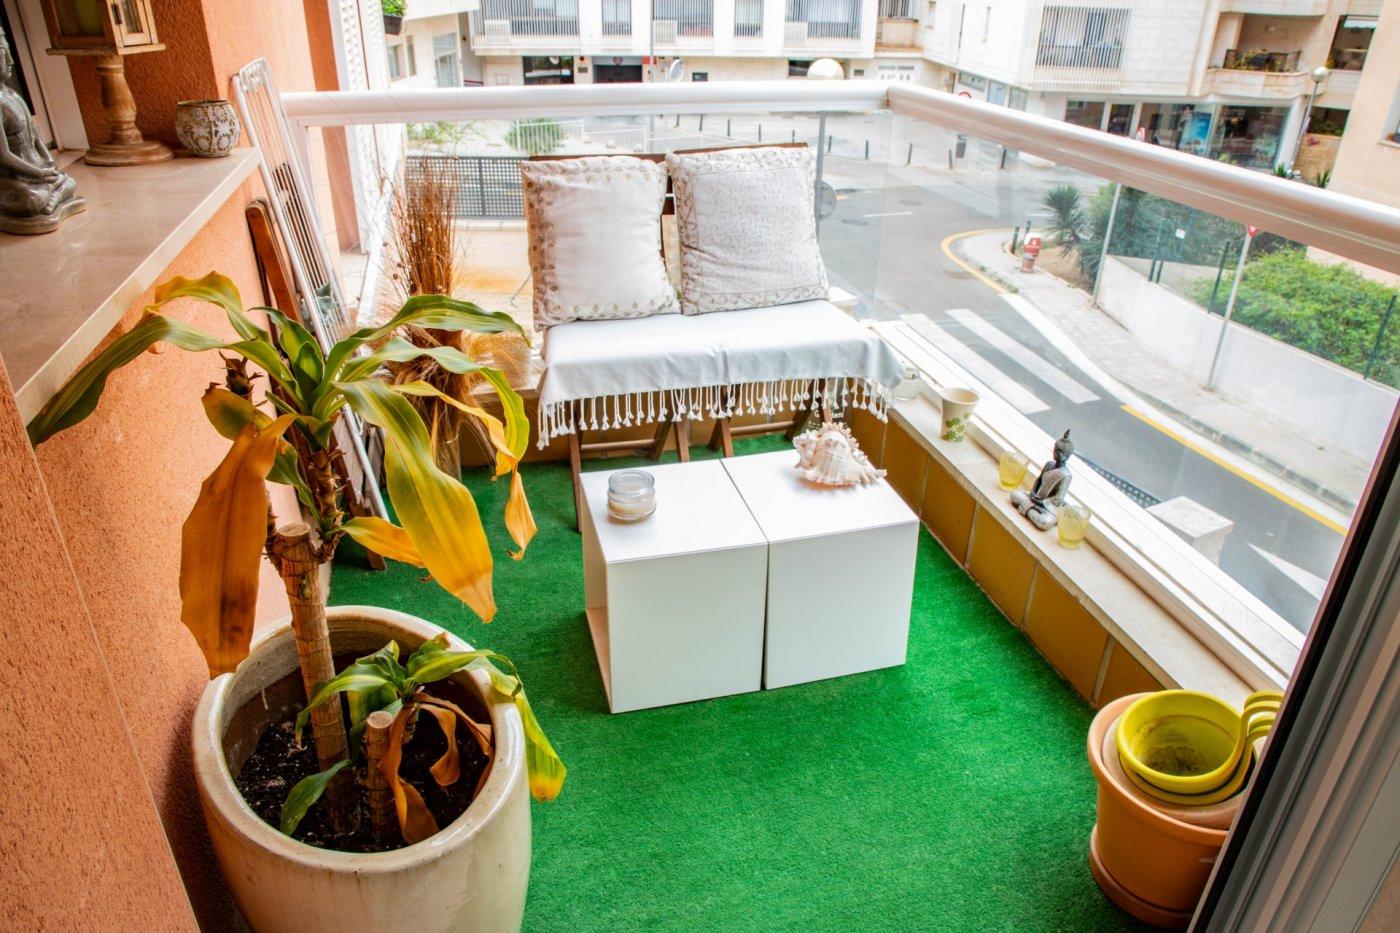 En venta espectacular piso en el terreno cerca al paseo maritimo - imagenInmueble2